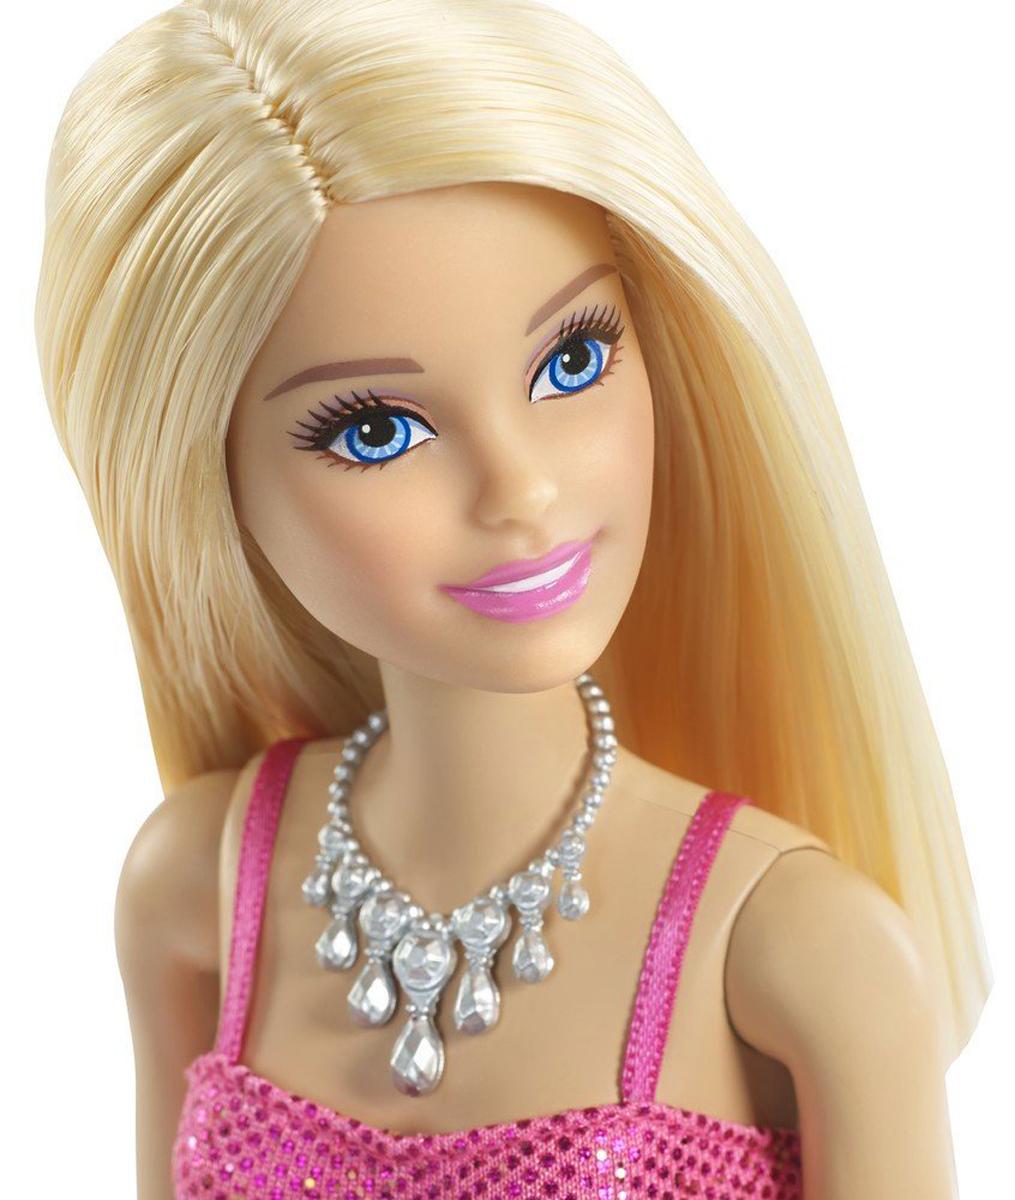 куклы барби от маттел картинки продал, эта вторая